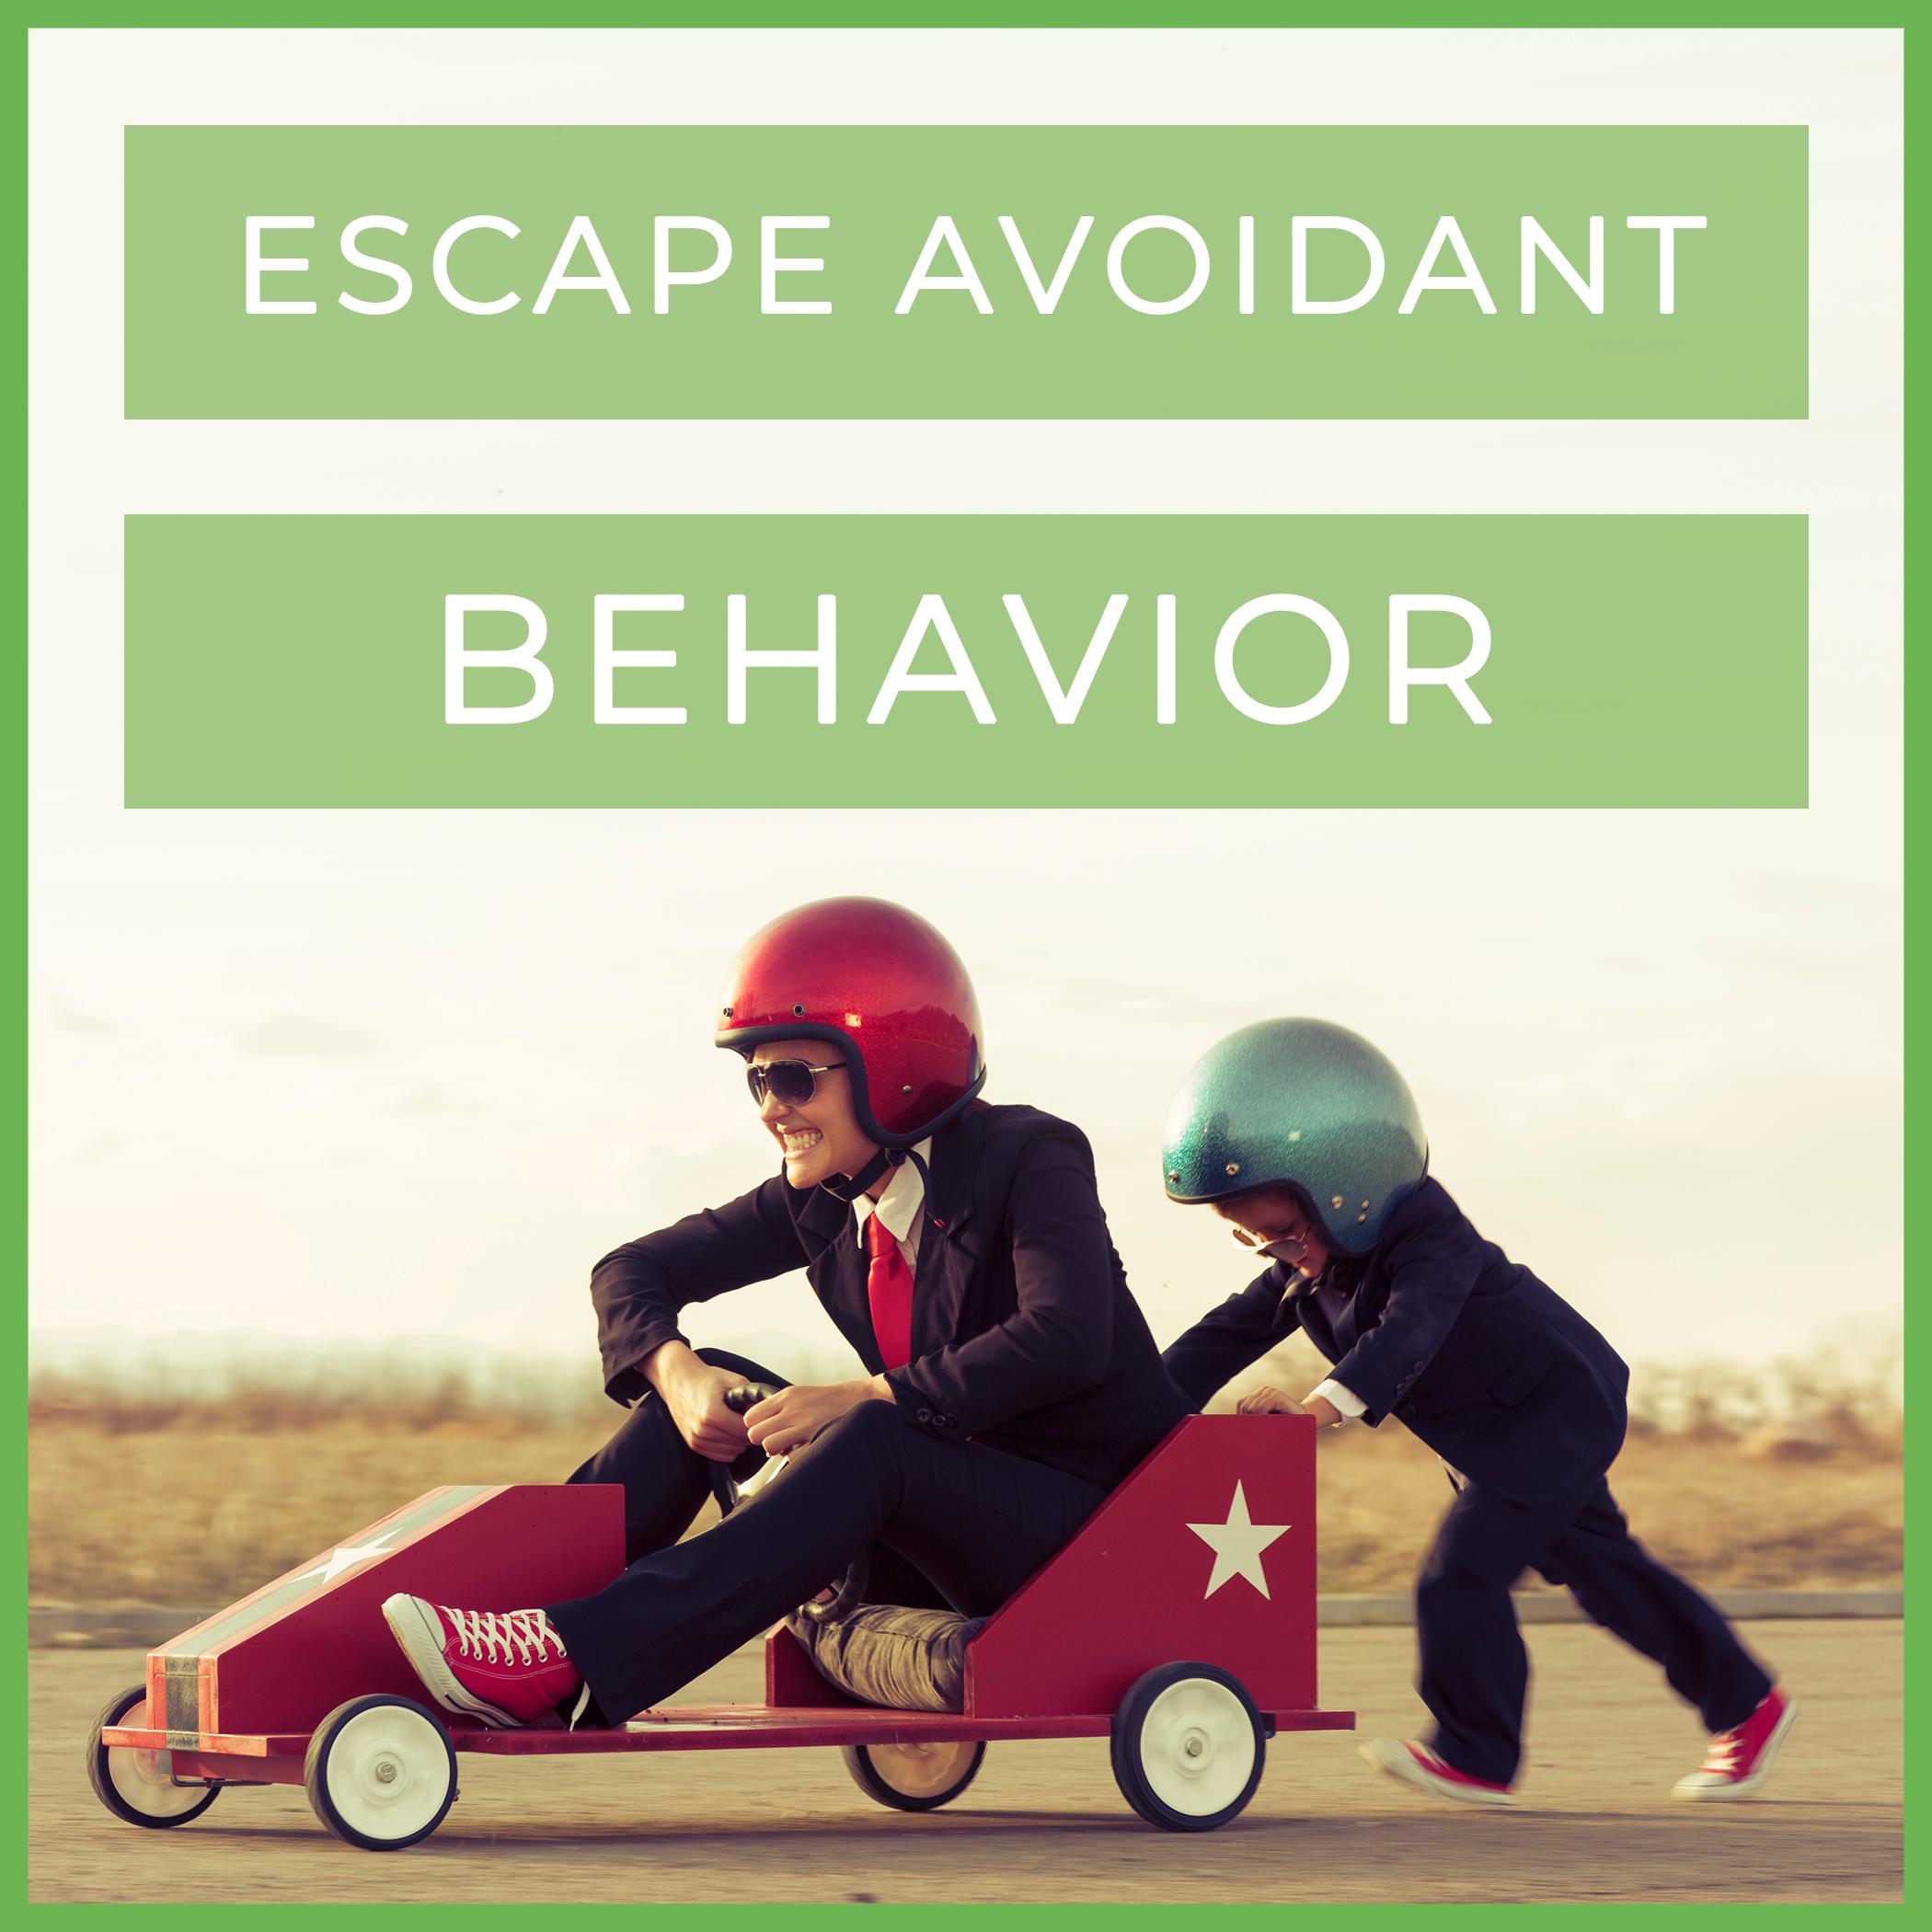 escape avoidant behavior.png